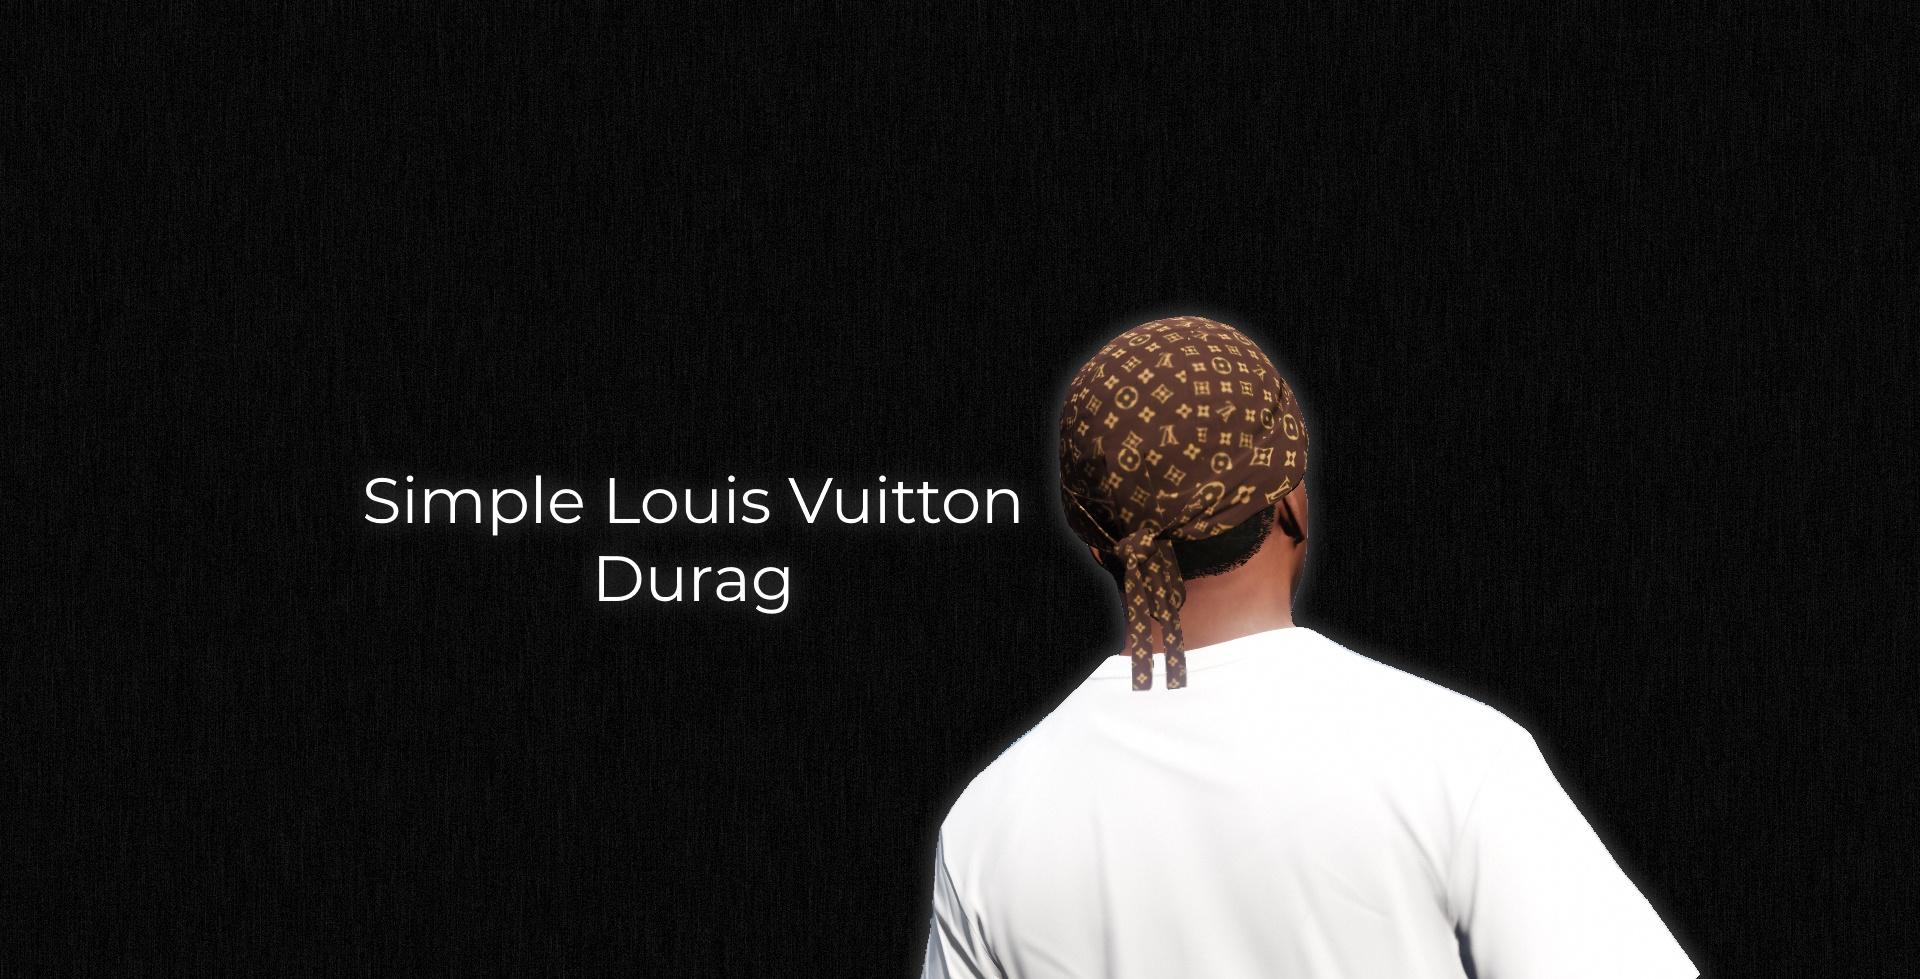 Archive Louis Vuitton Durag Gta5 Mods Com